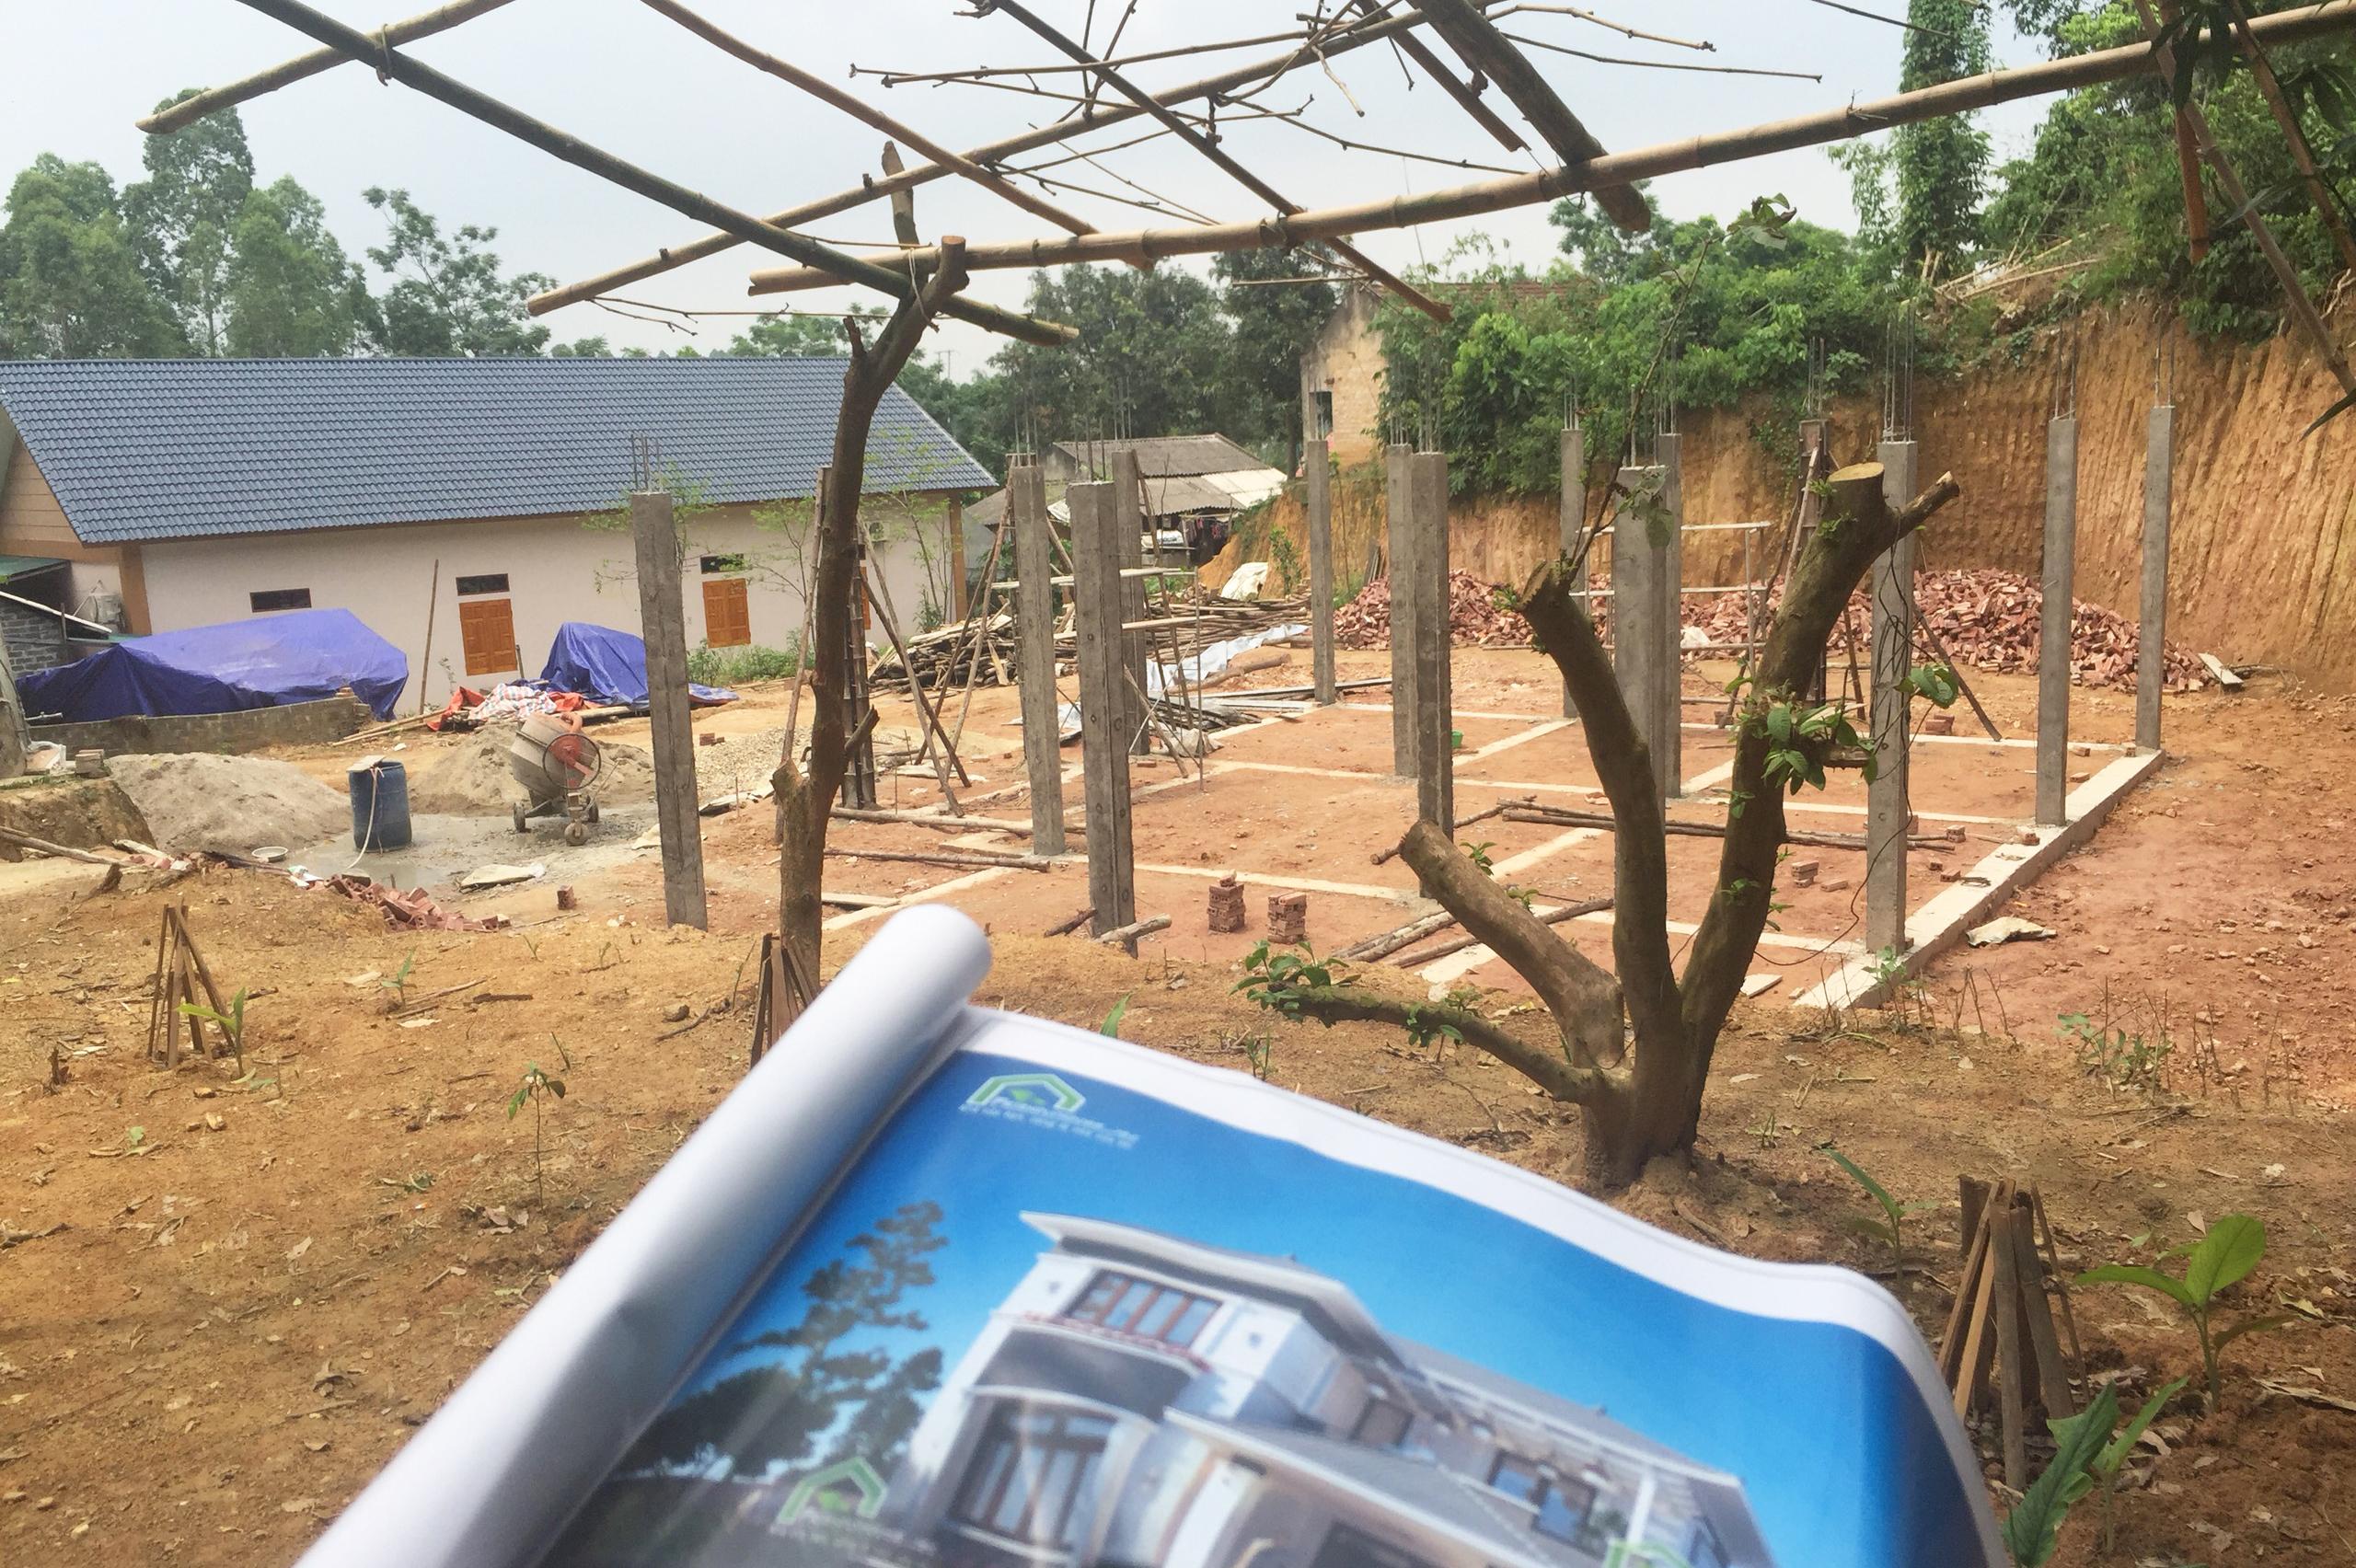 thiết kế Biệt Thự 2 tầng tại Phú Thọ Thiết kế biệt thự 2 tầng tại Phú Thọ 7 1564398701